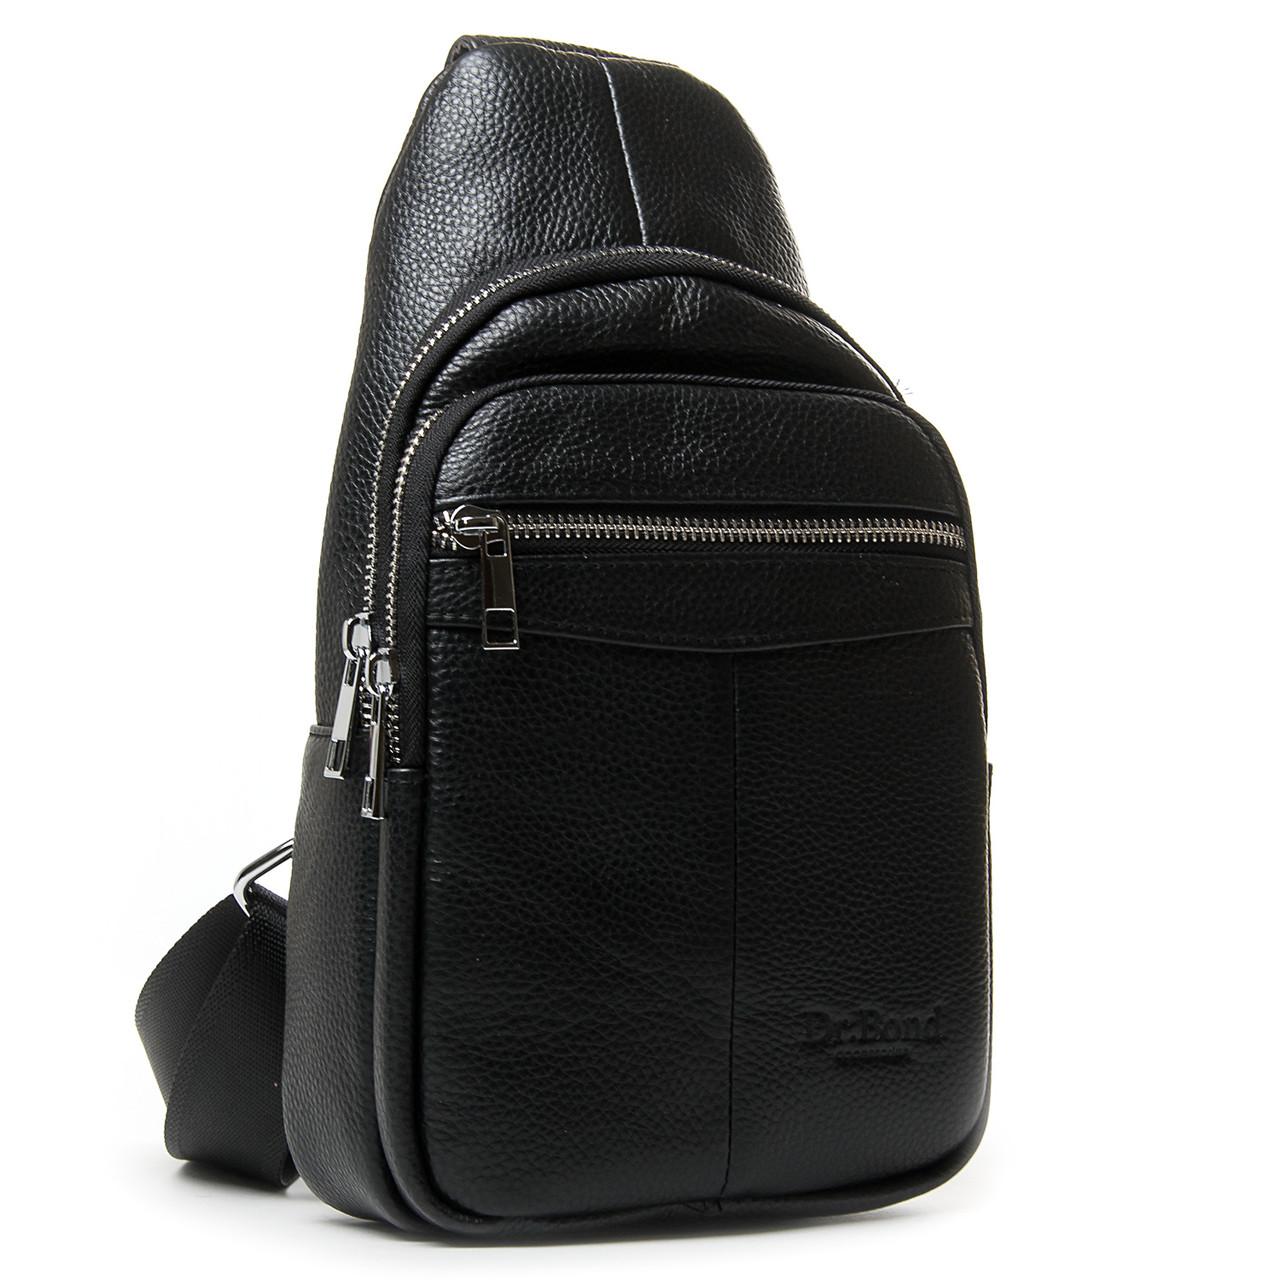 Кожаная мужская сумка слинг crossbody черная кроссбоди на грудь через плечо Dr. Bond 698